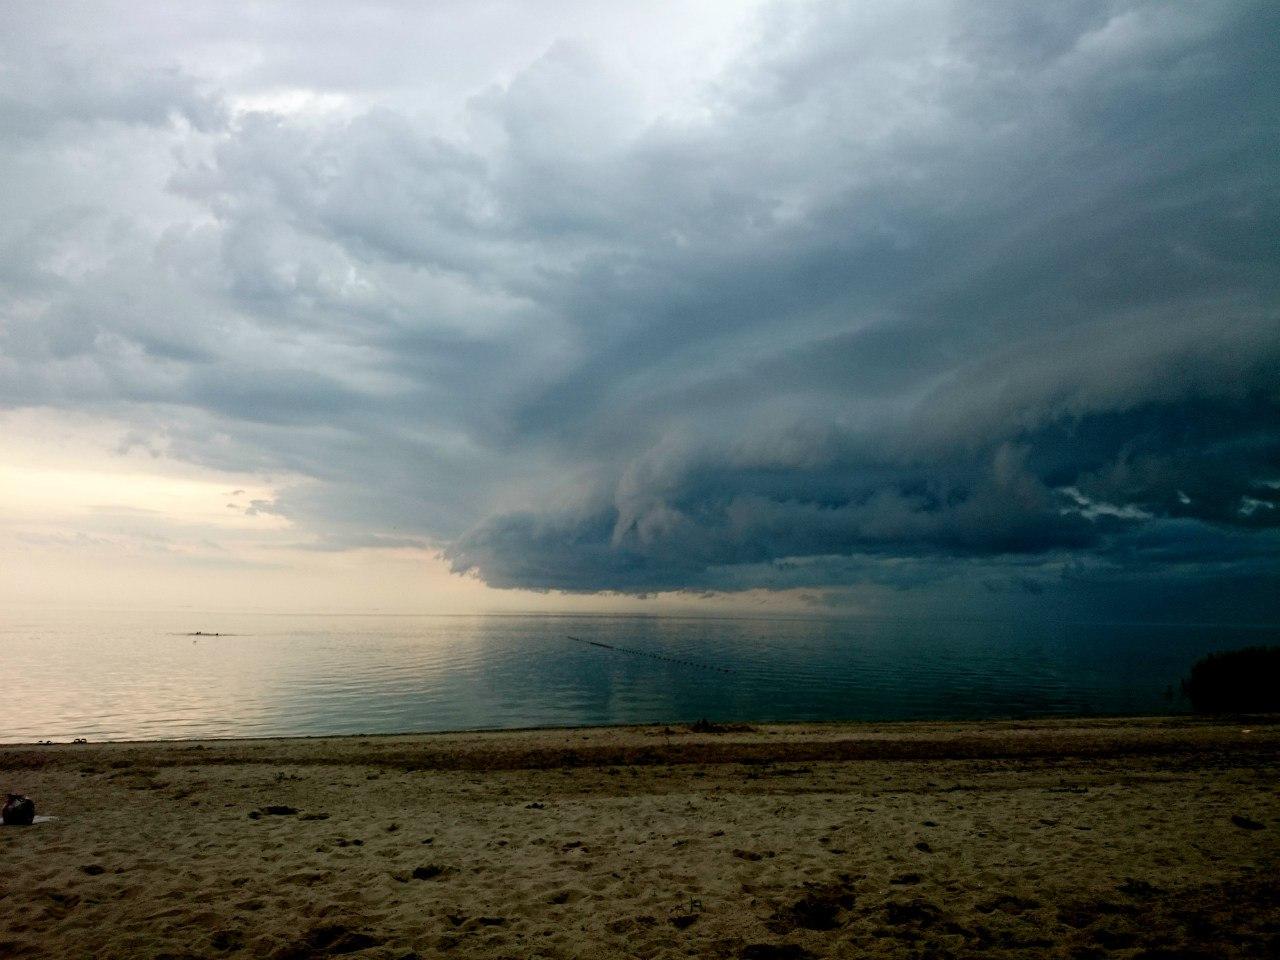 Экстренное предупреждение МЧС: к вечеру в Таганроге ожидаются сильные дожди с градом и грозой